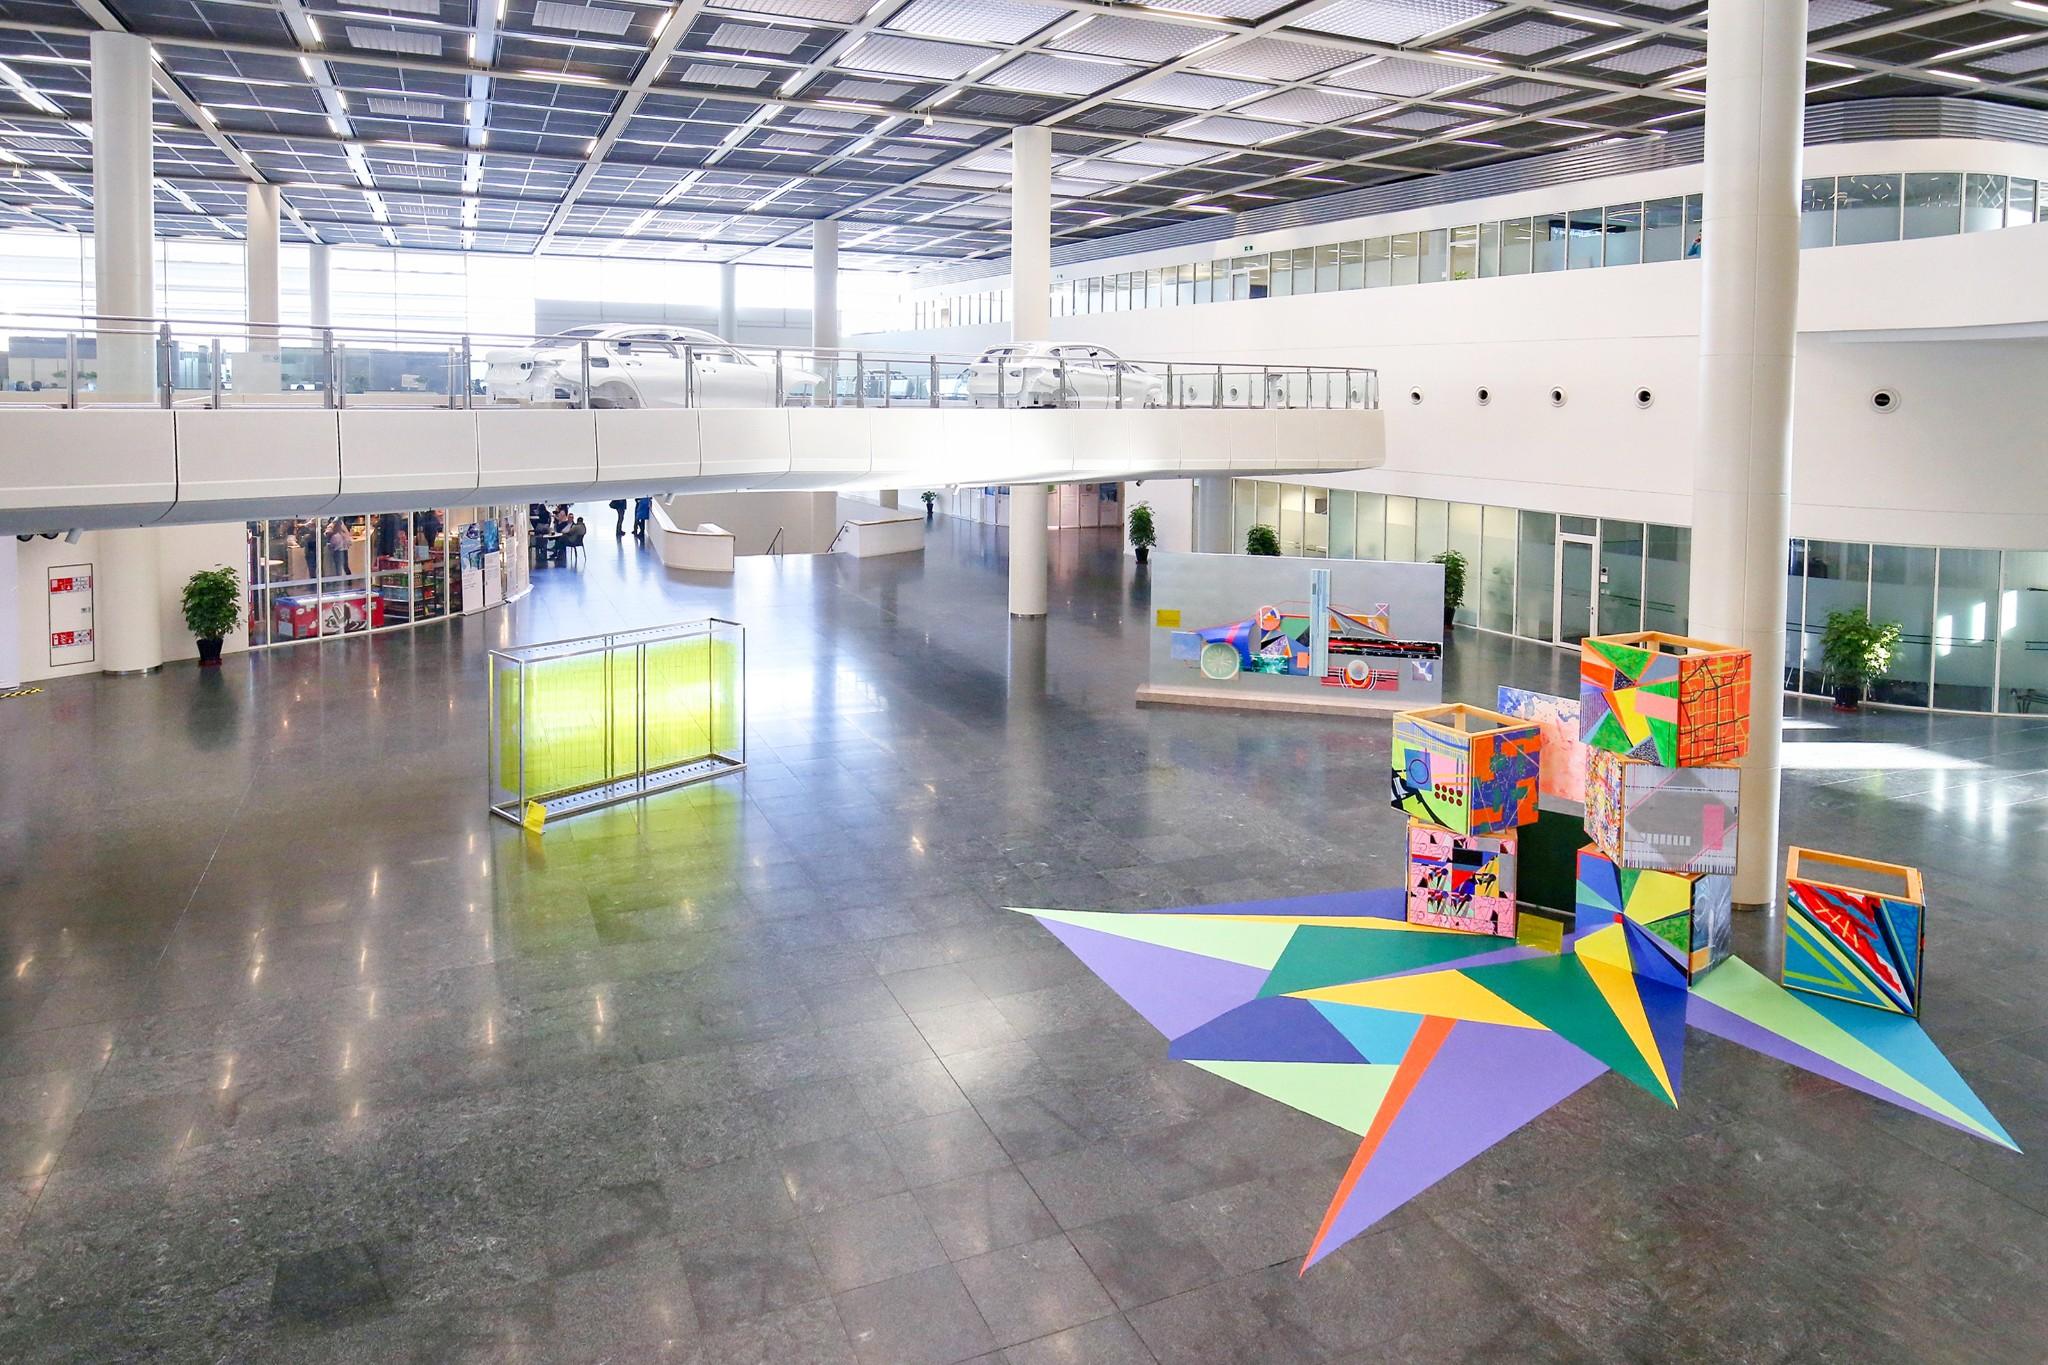 融艺术之灵 造工业之美华晨宝马探寻工业与艺术跨界融合的无限可能